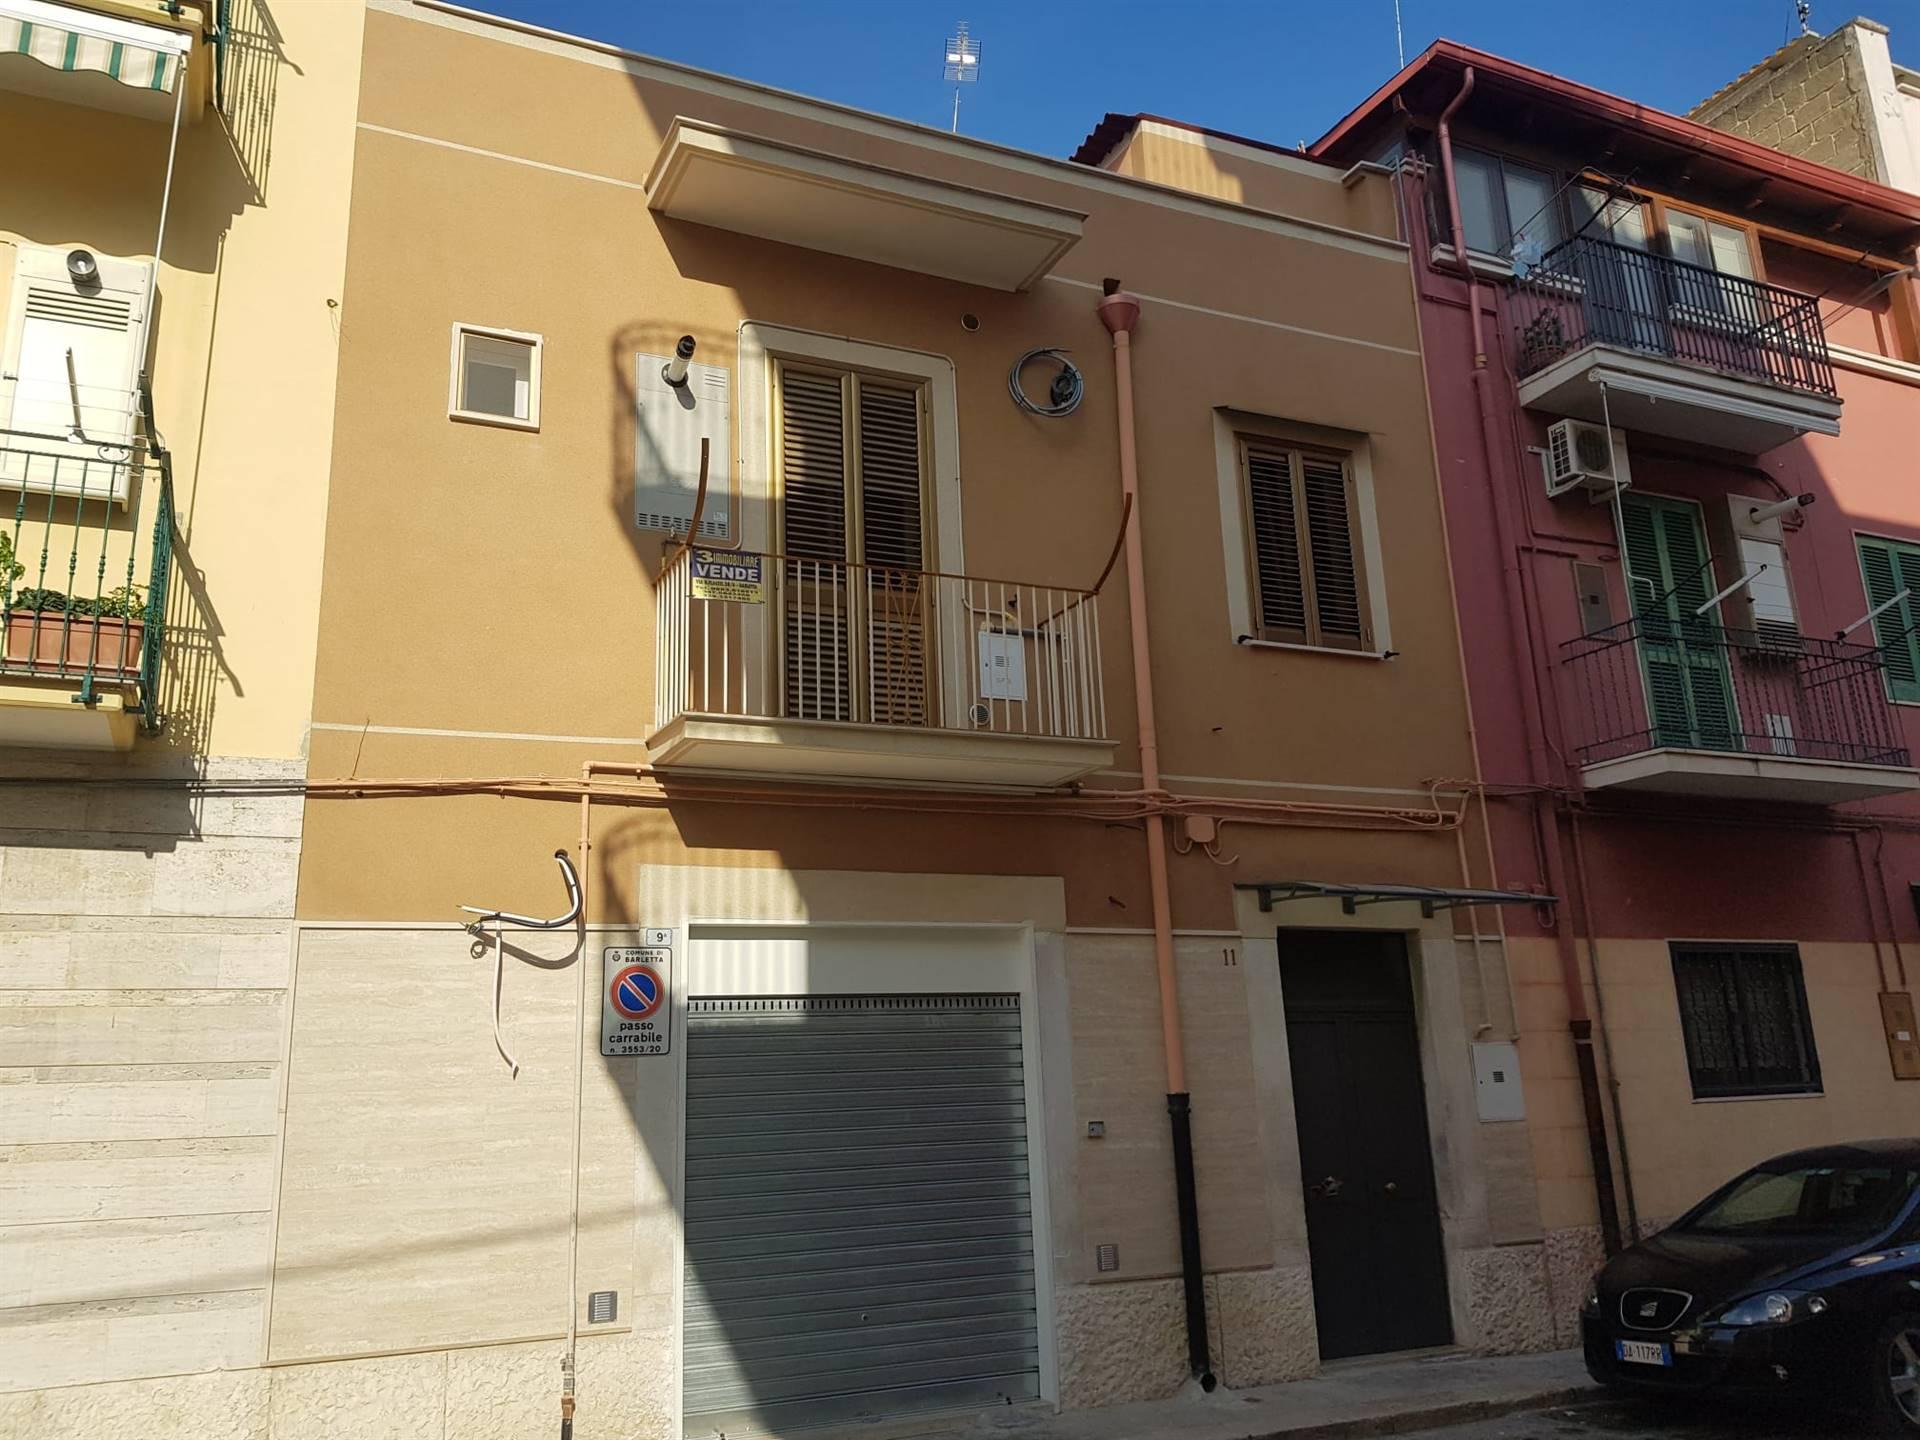 Appartamento in vendita a Barletta, 3 locali, prezzo € 88.000 | PortaleAgenzieImmobiliari.it